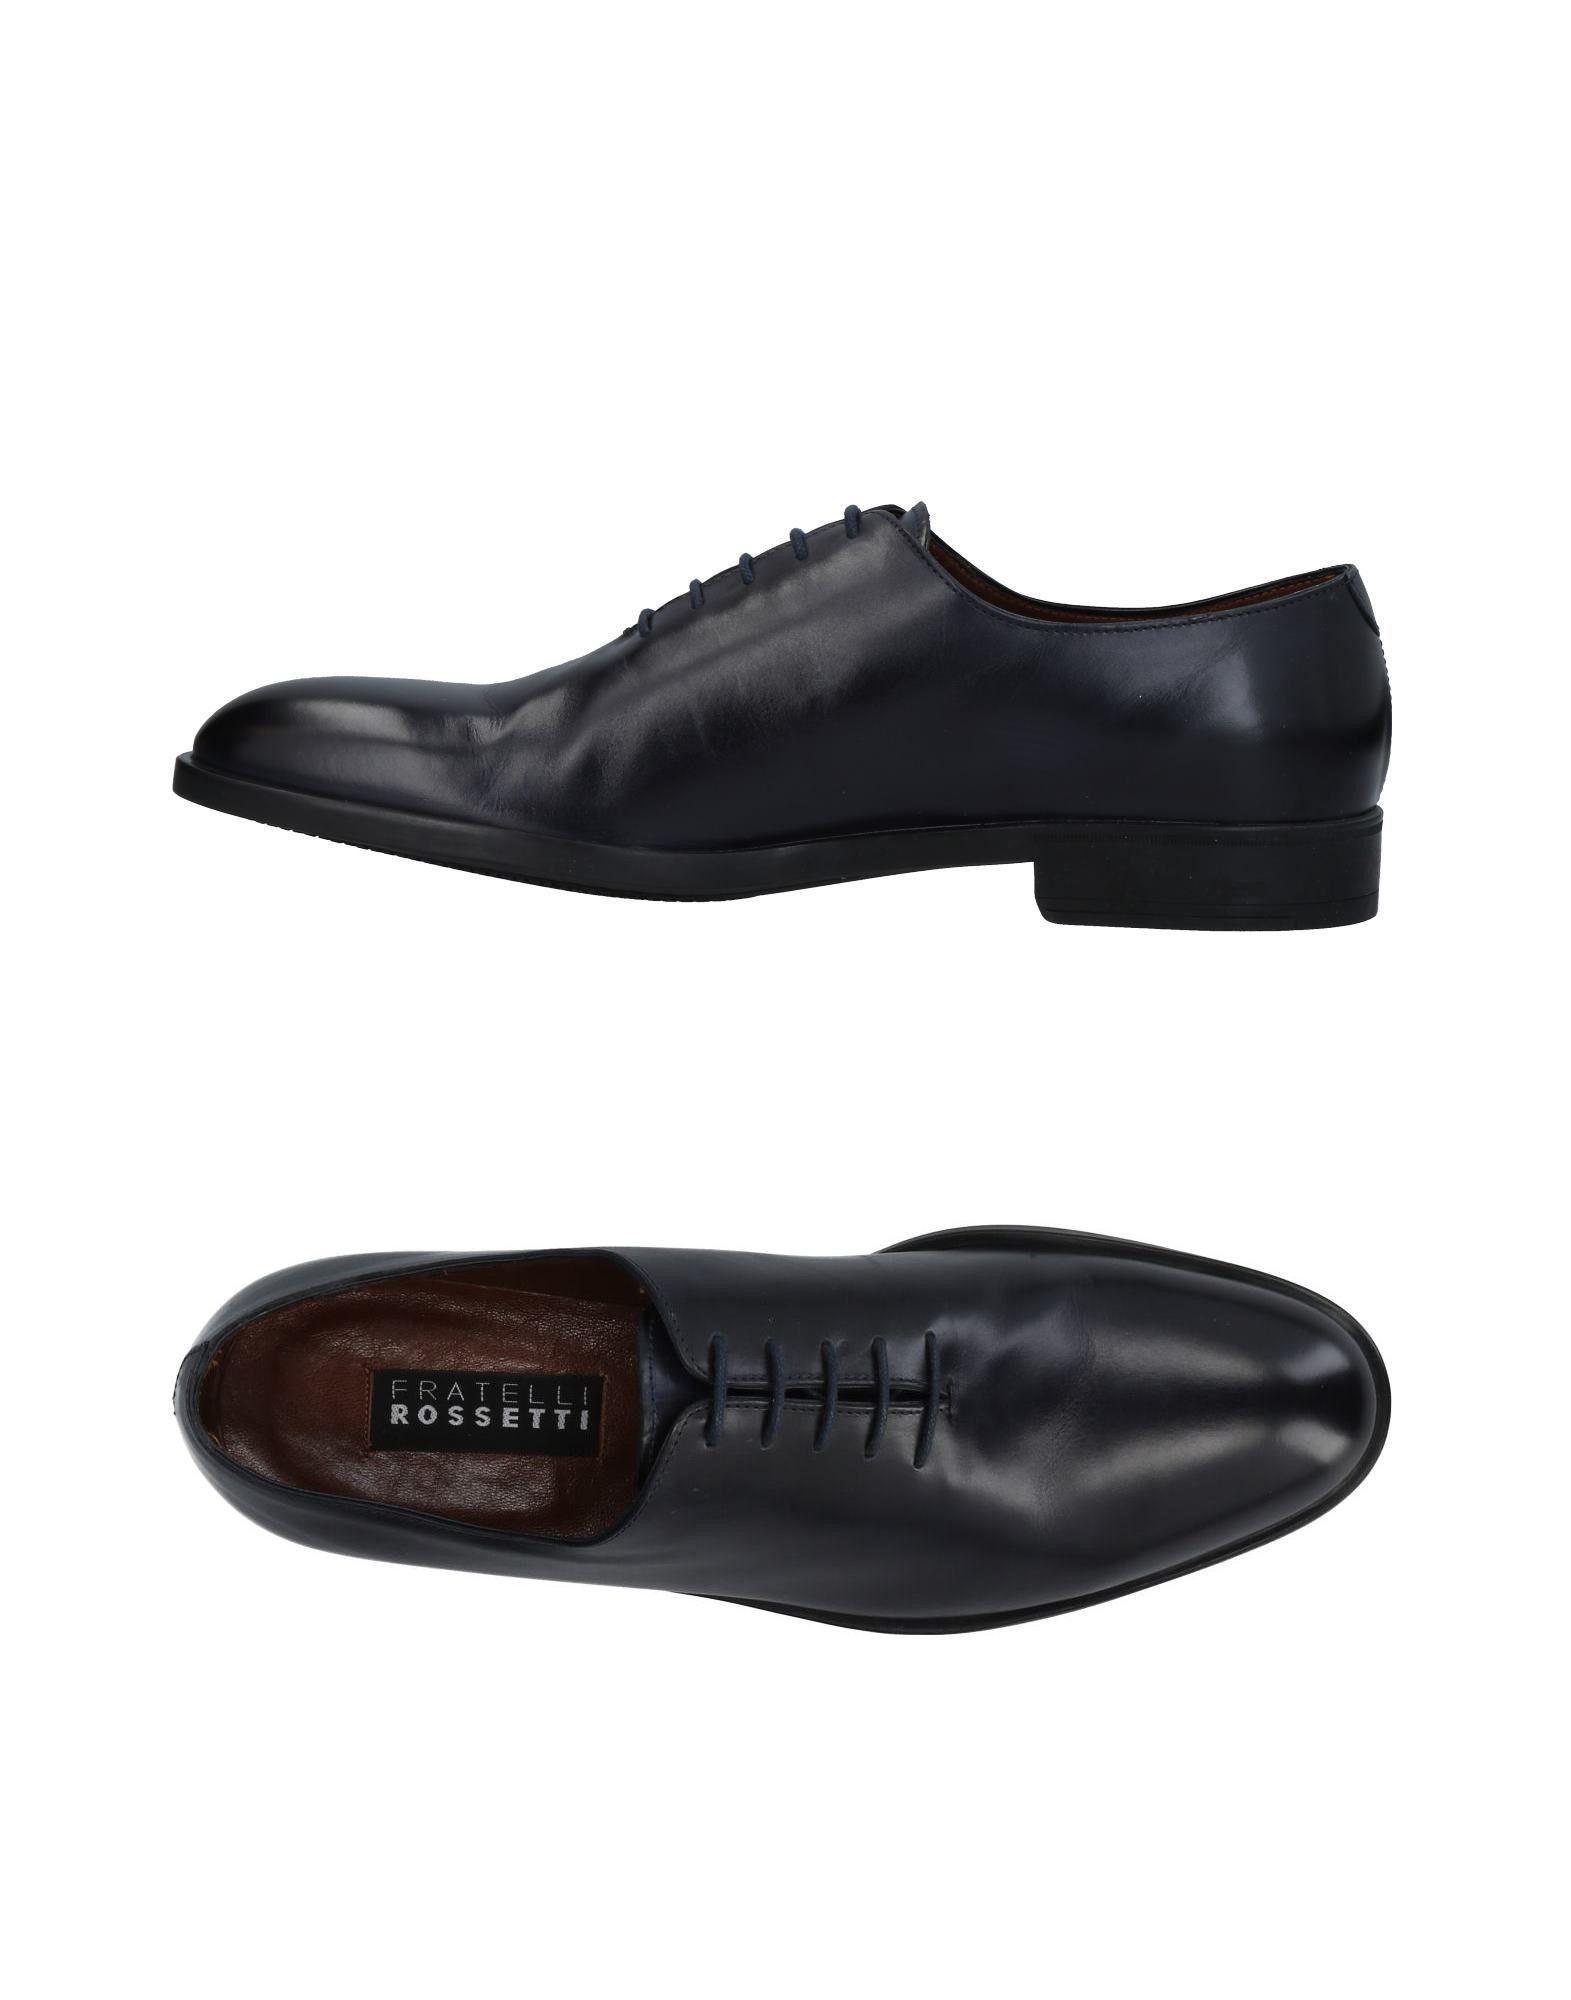 Fratelli Rossetti Schnürschuhe Herren  11440590DT Gute Qualität beliebte Schuhe